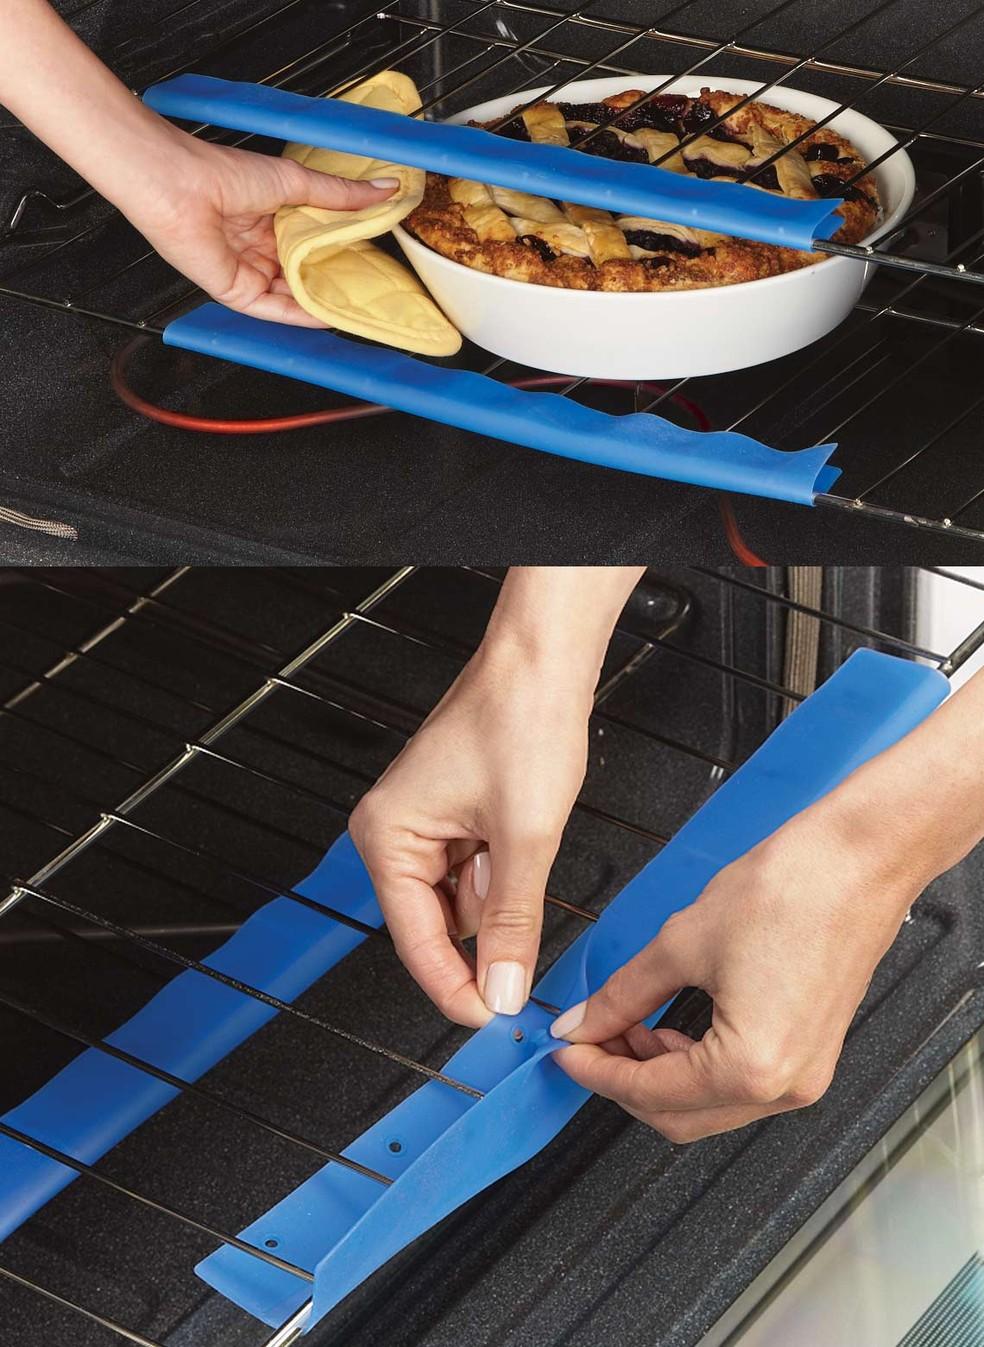 Protetor do forno: mais segurança para cozinhar (Foto: DrLeonards.com/Divulgação )